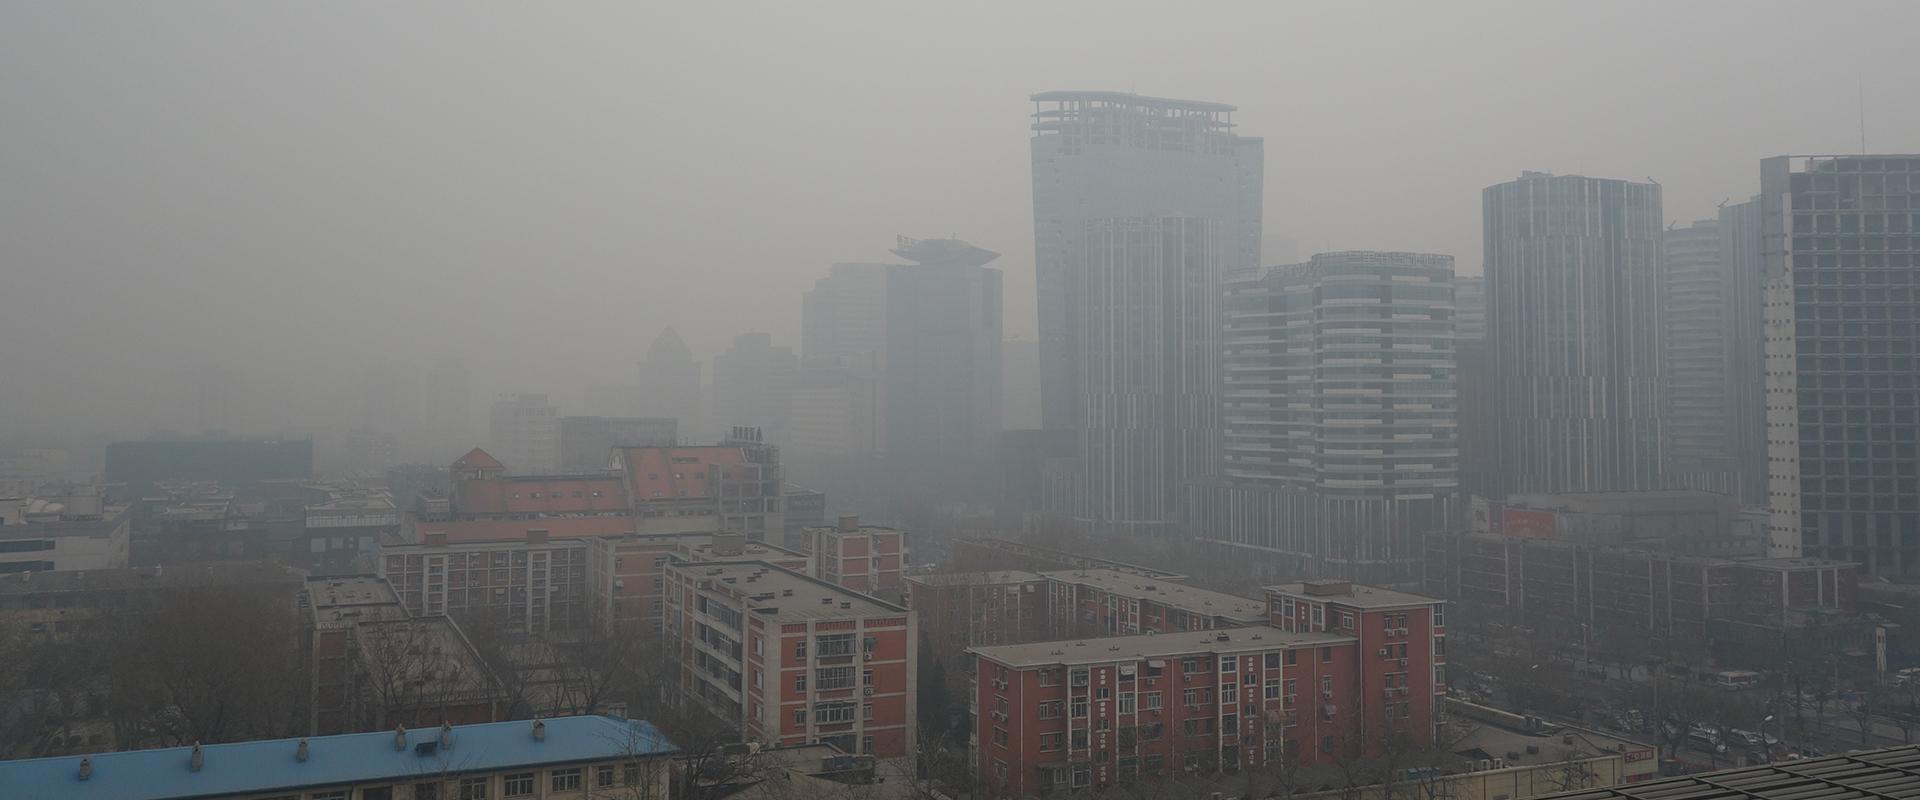 ville chinoise en proie à la pollution